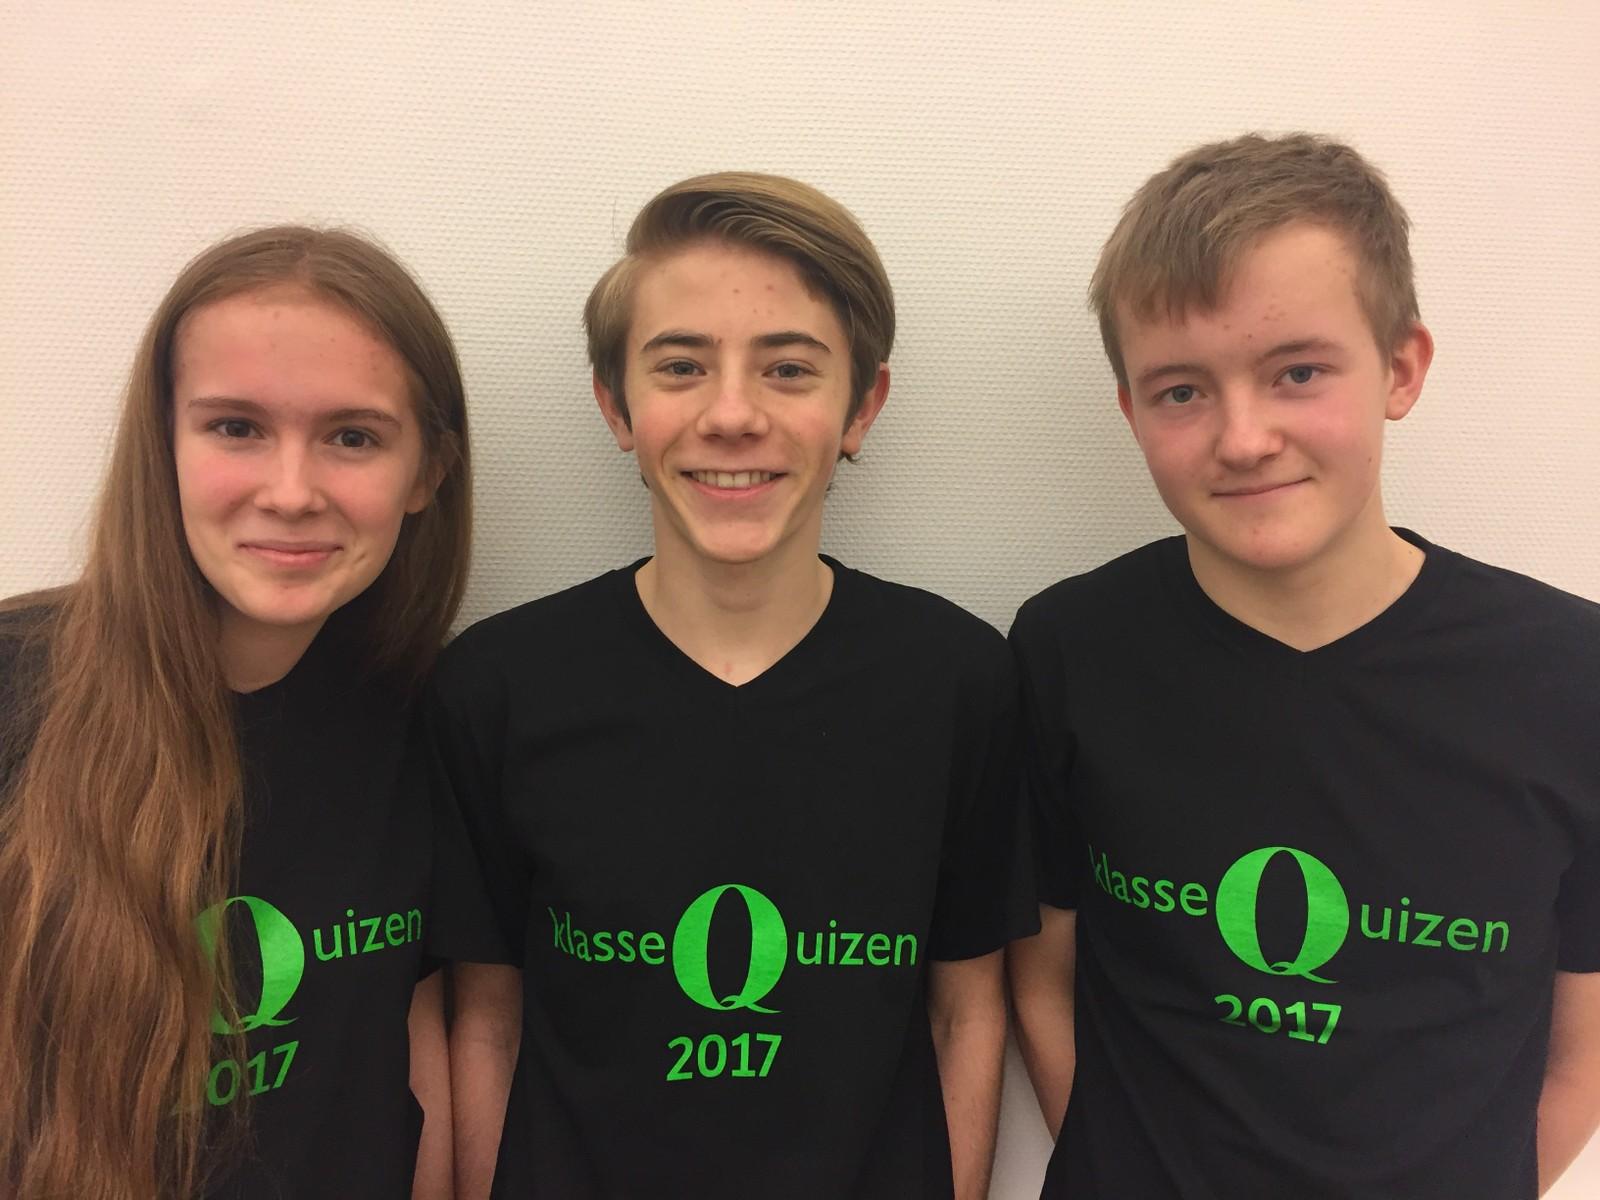 NAMSOS UNGDOMSSKOLE: Fra venstre: Jane Margreta Hagen, Dennis Andre Aune og Anders Høgden.